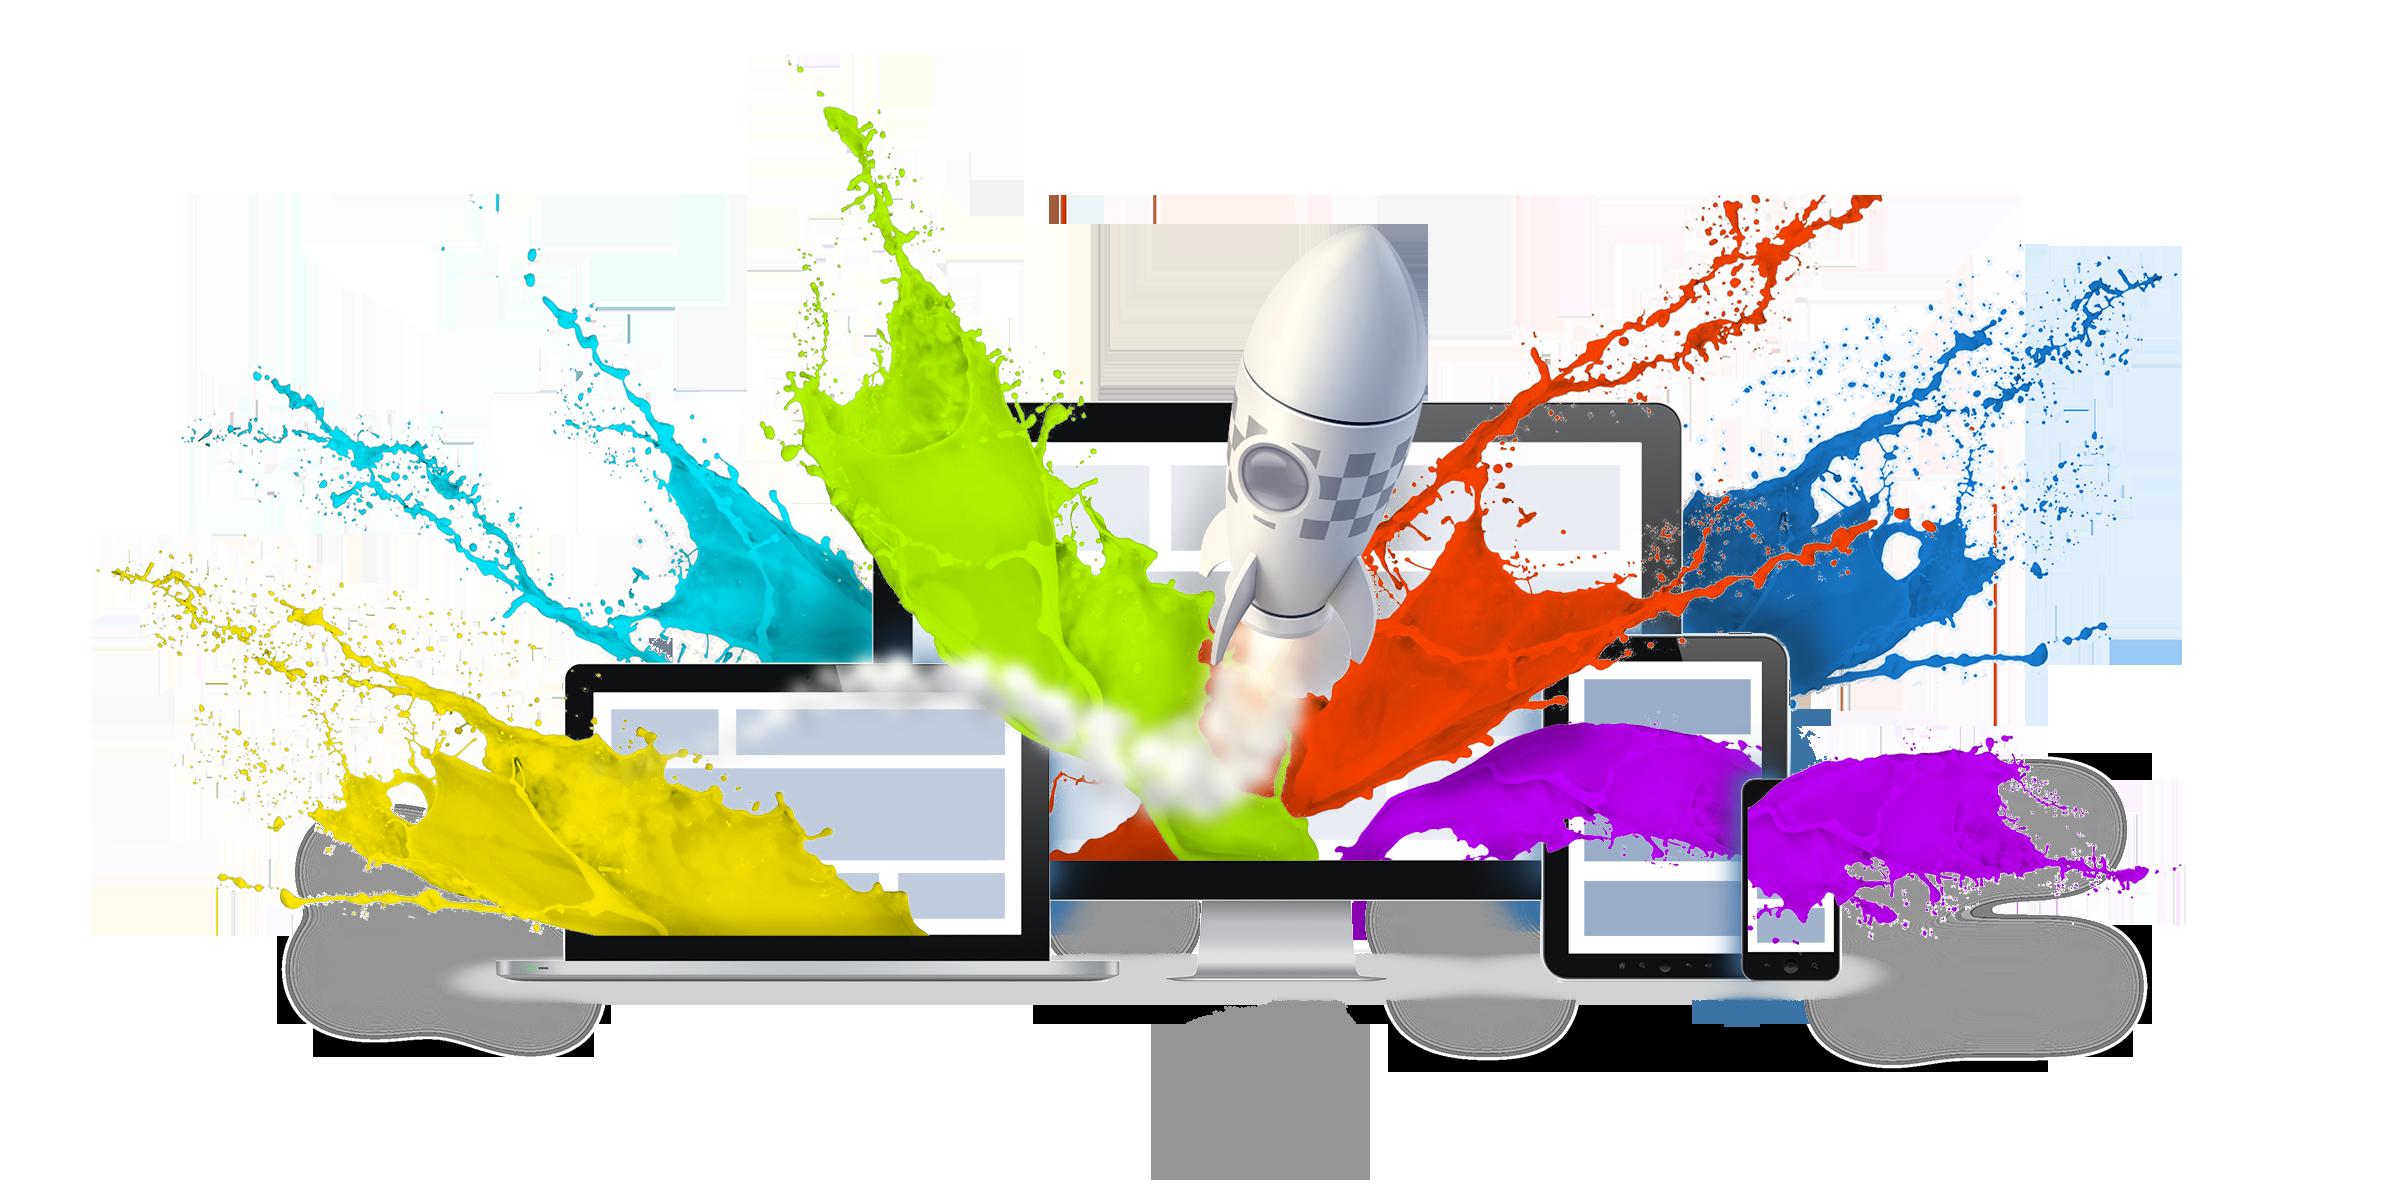 İyi Tasarlanmış Web Sitesi Nasıl Olmalıdır?